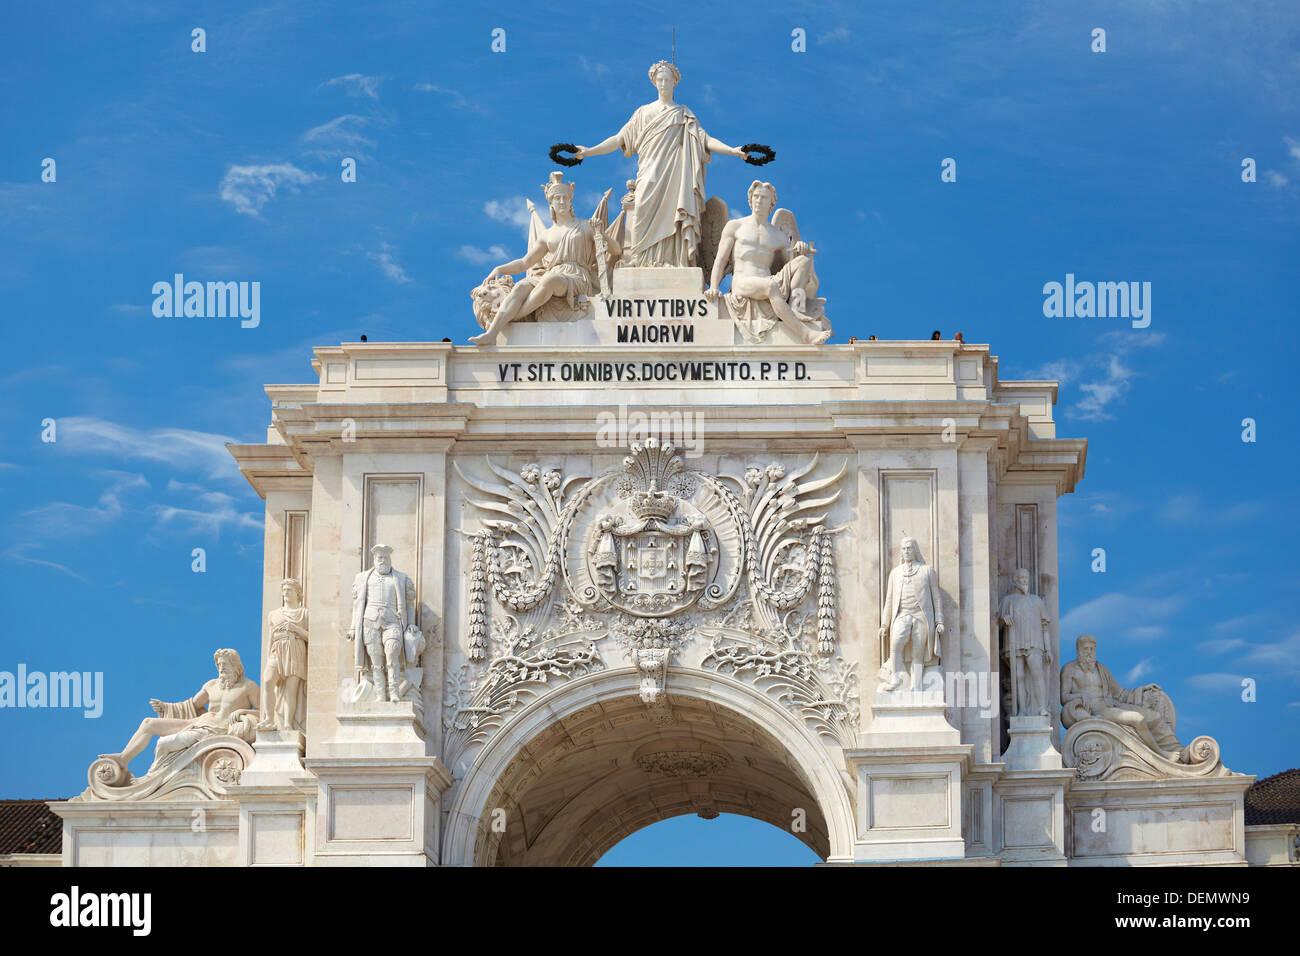 Arch at Commerce Square (Praca do Comercio), Lisbon, Portugal - Stock Image